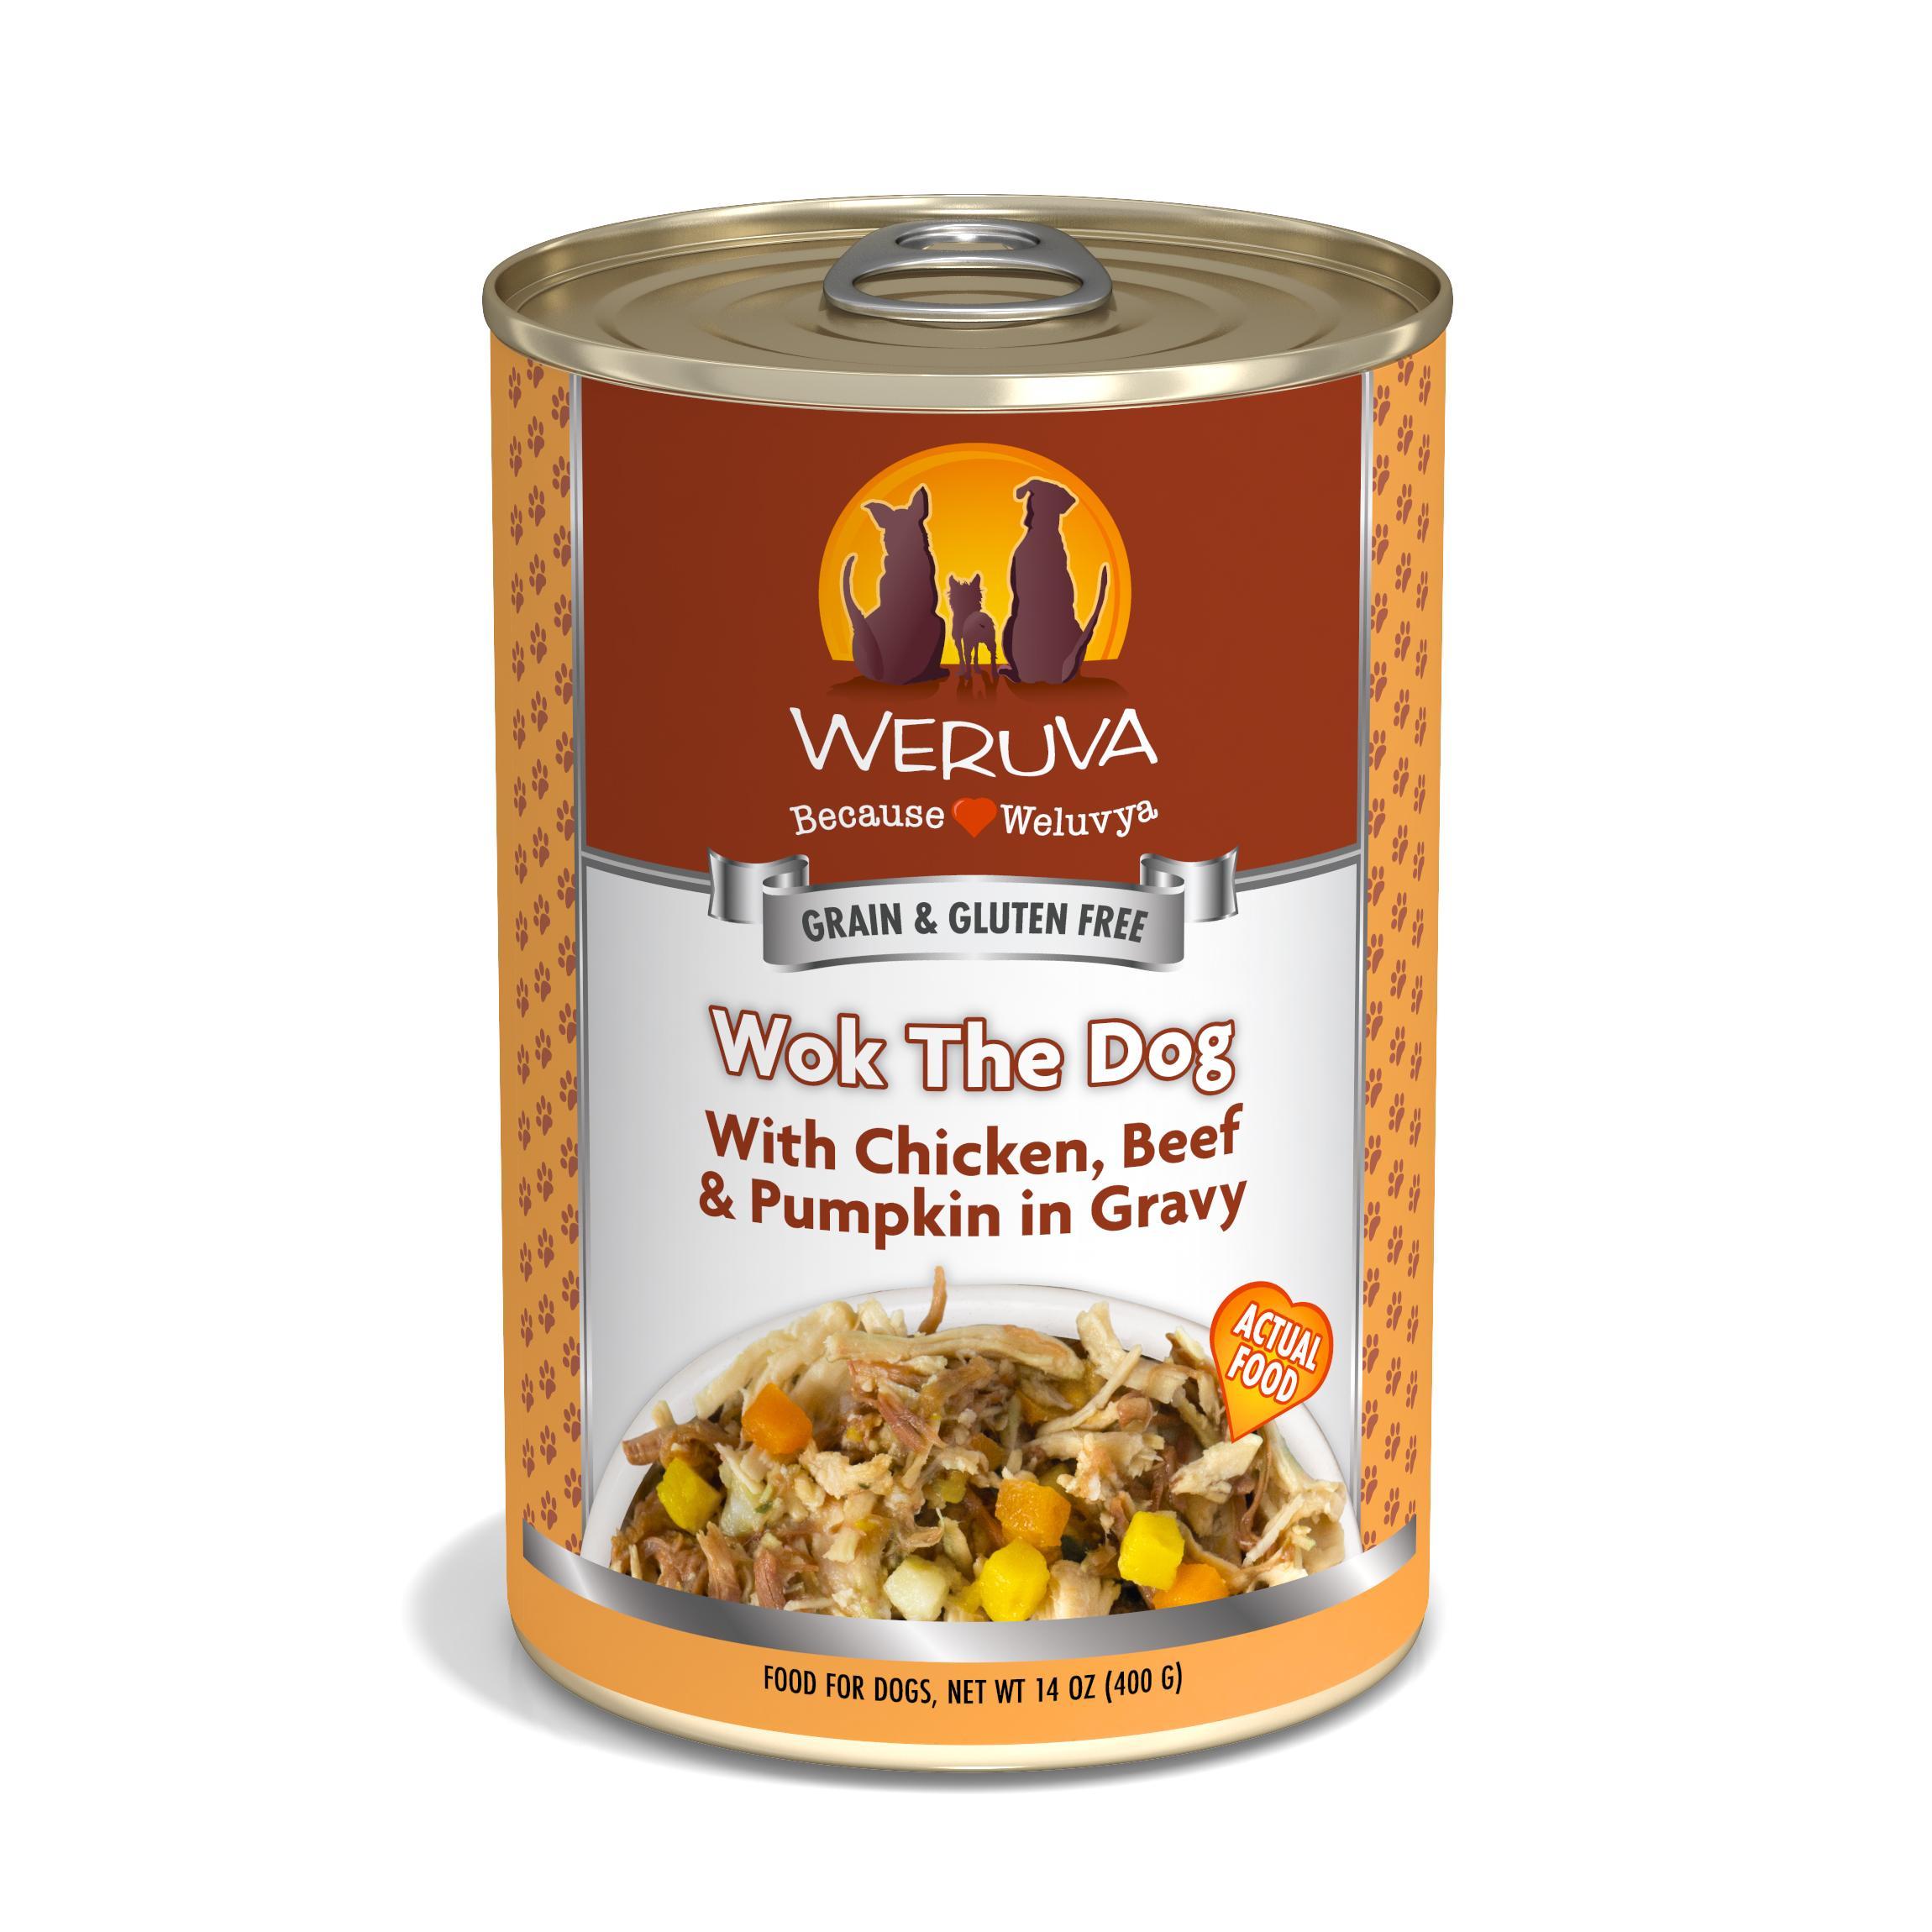 Weruva Dog Classic Wok the Dog with Chicken, Beef & Pumpkin in Gravy Grain-Free Wet Dog Food, 14-oz